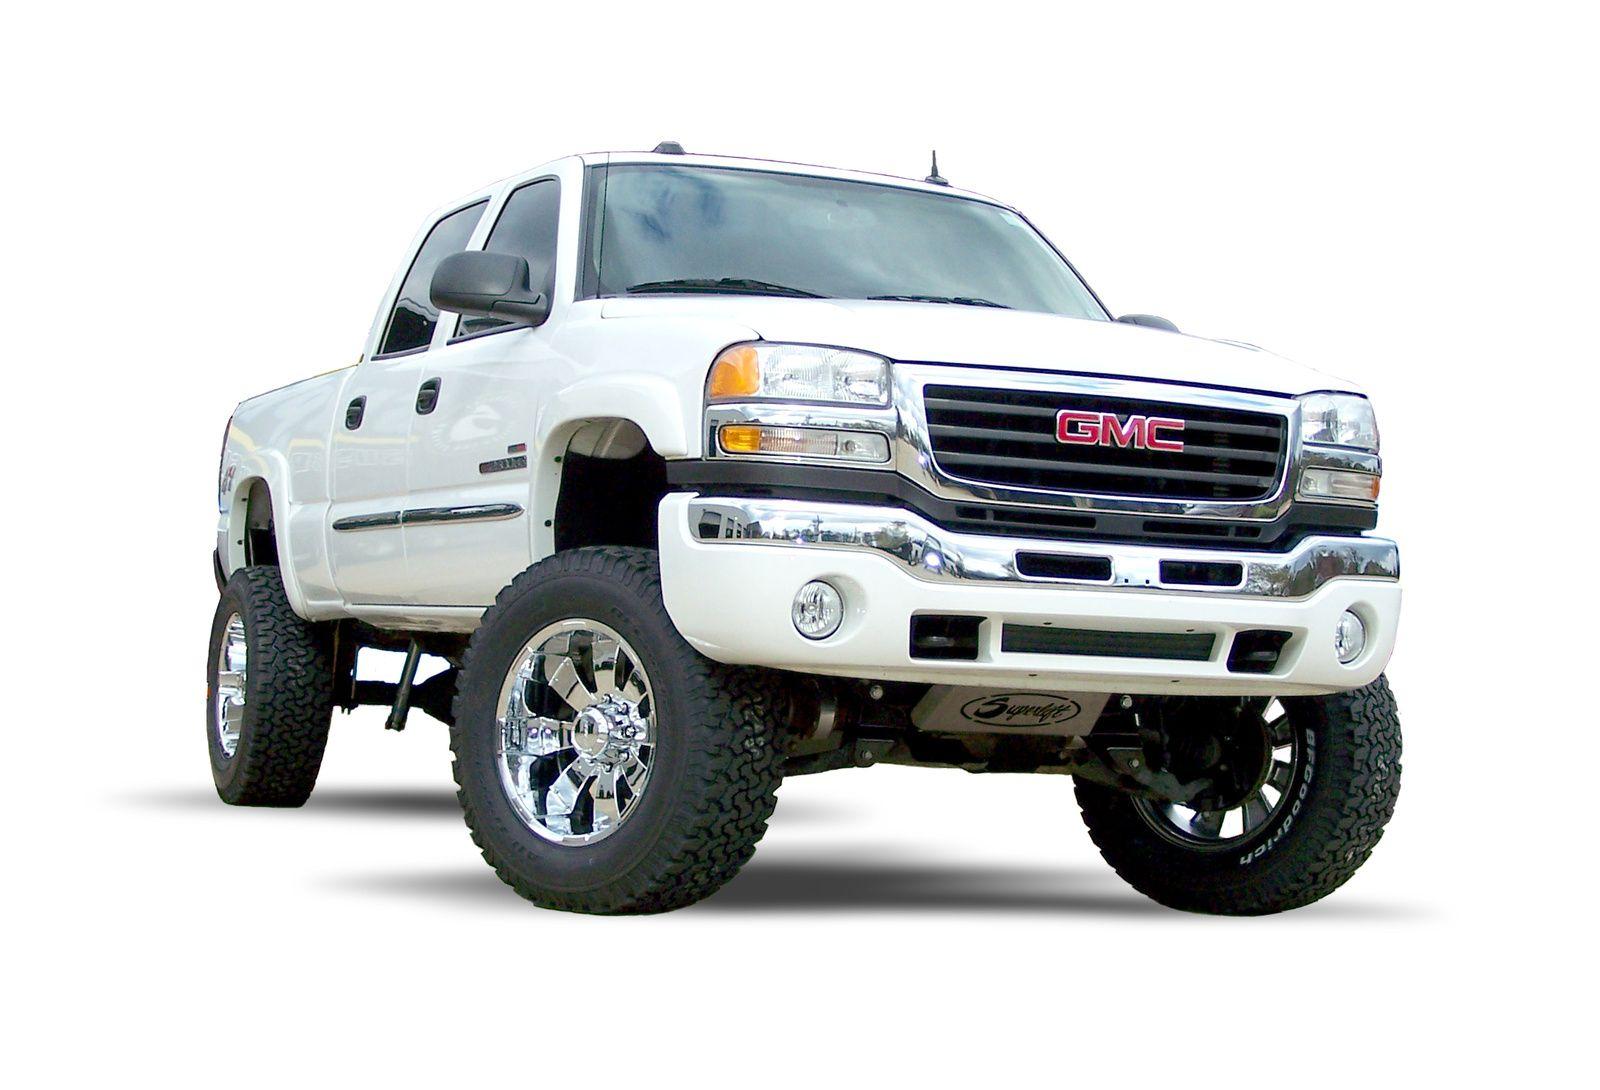 2014 gmc truck 2014 gmc truck images